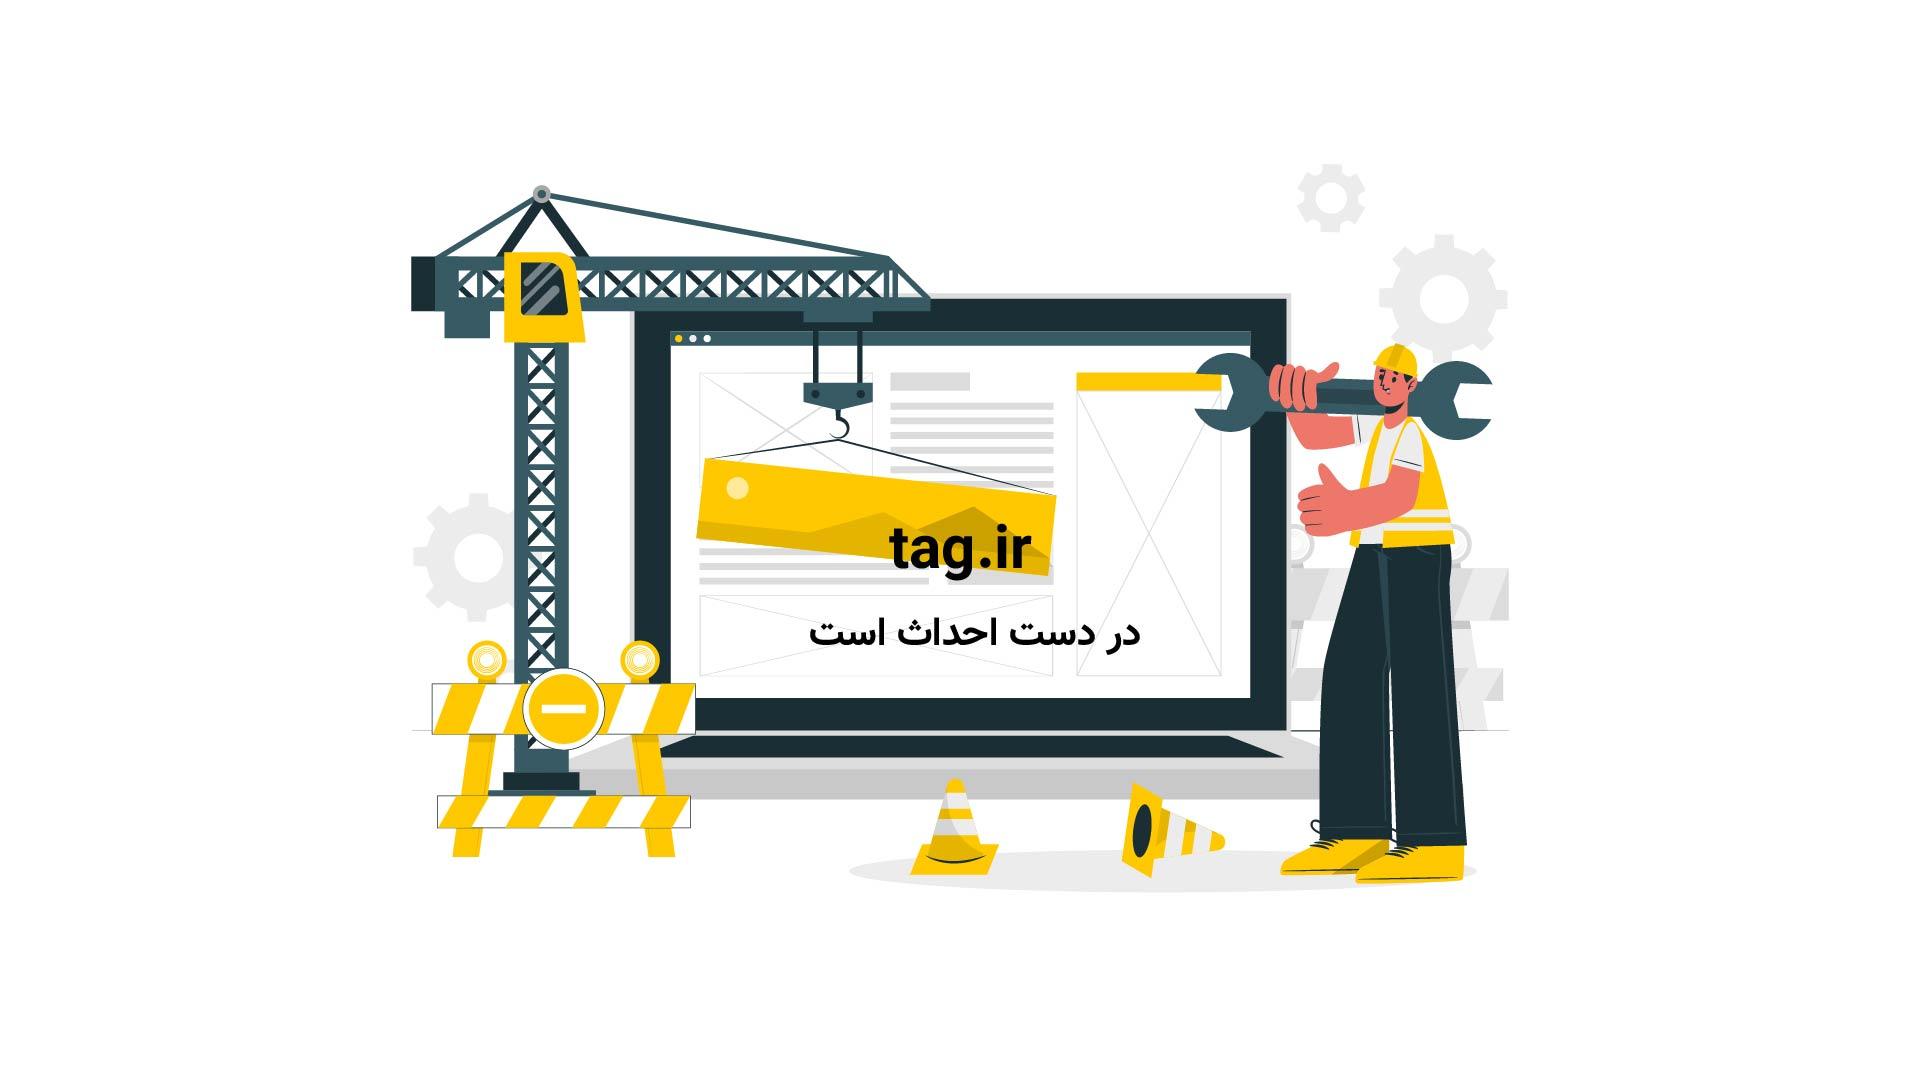 به آب انداختن کشتی | تگ